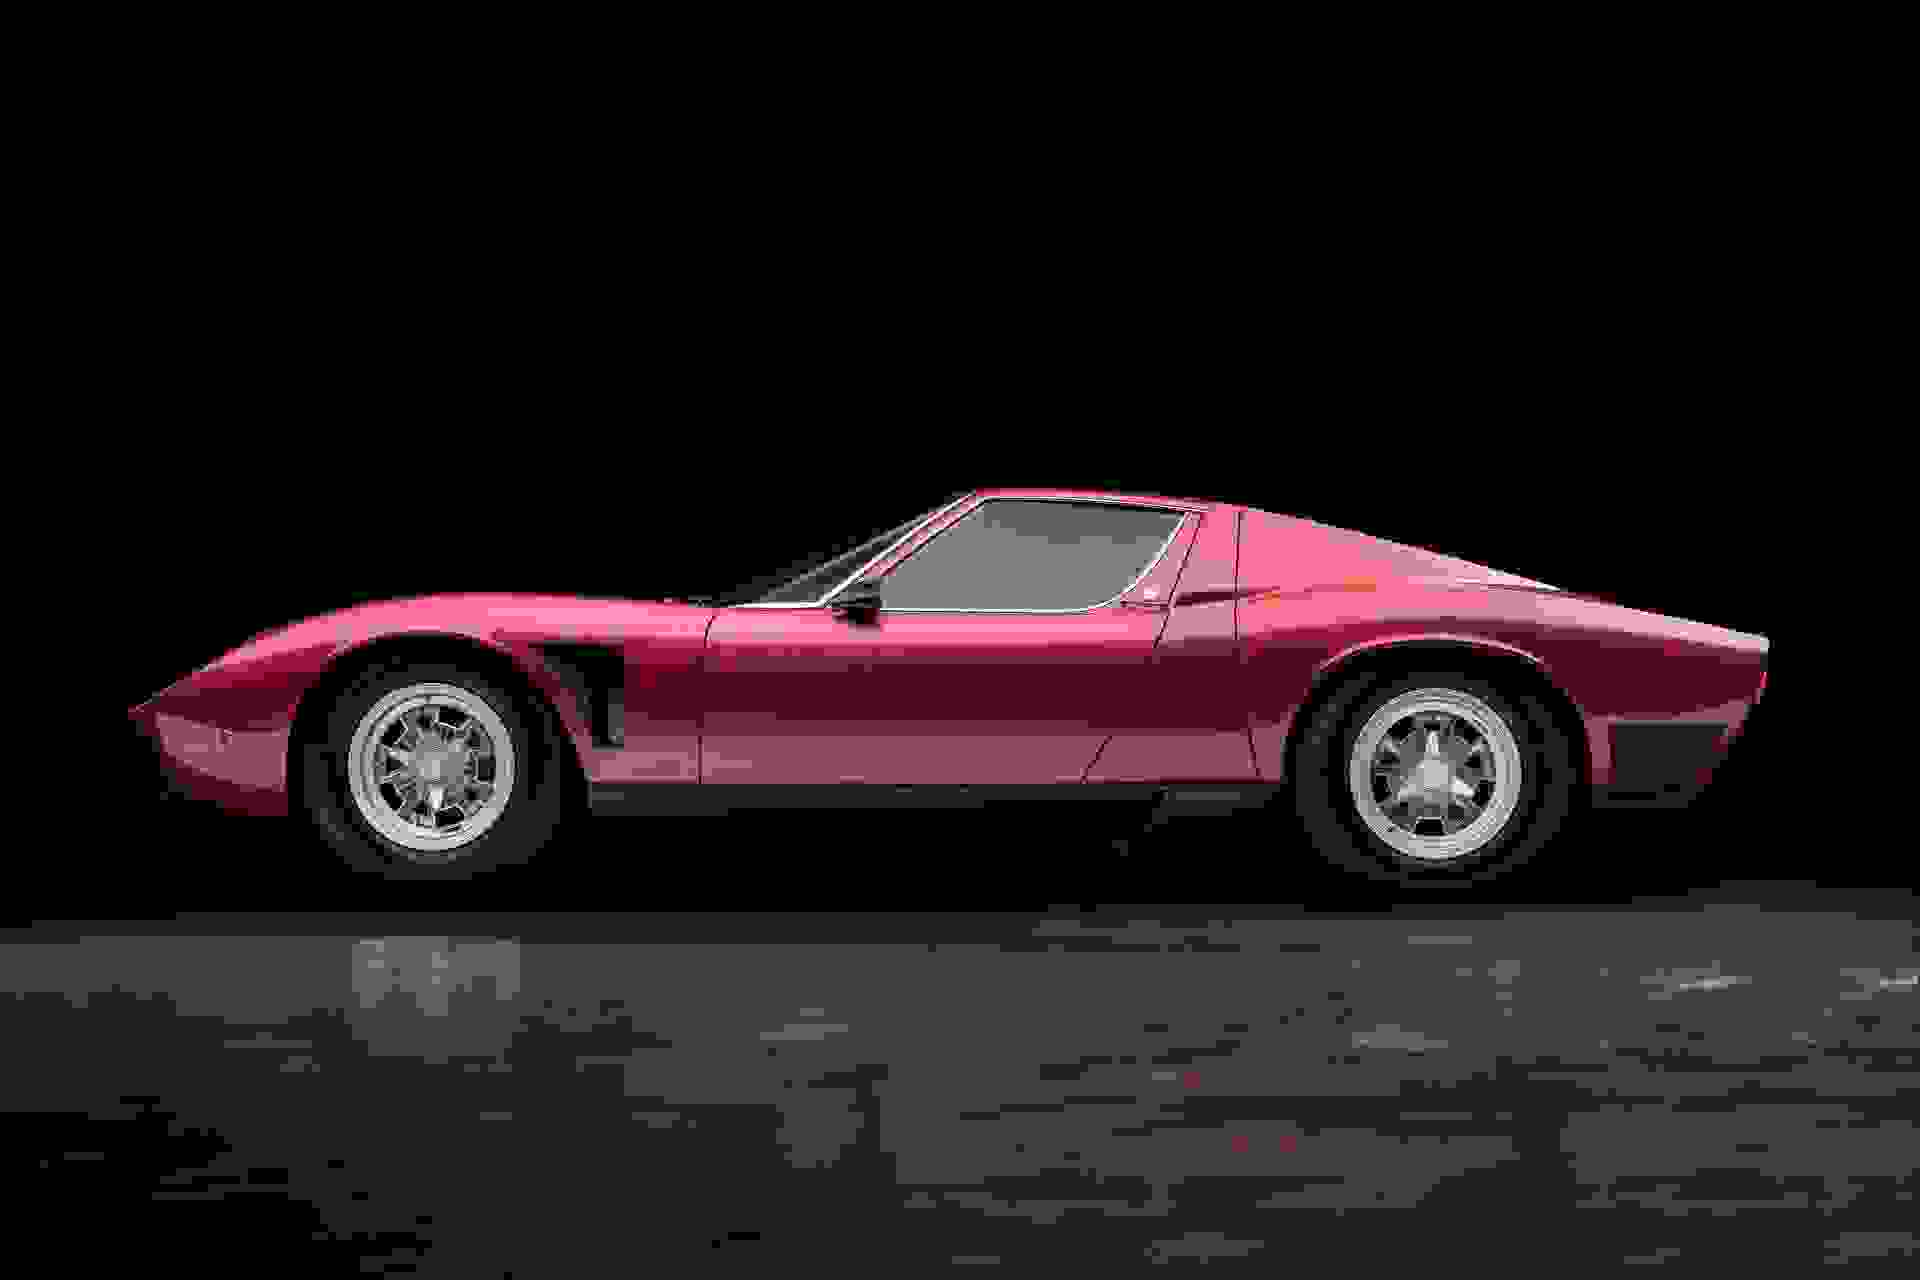 Lamborghini_Miura_SVJ_sale-0001